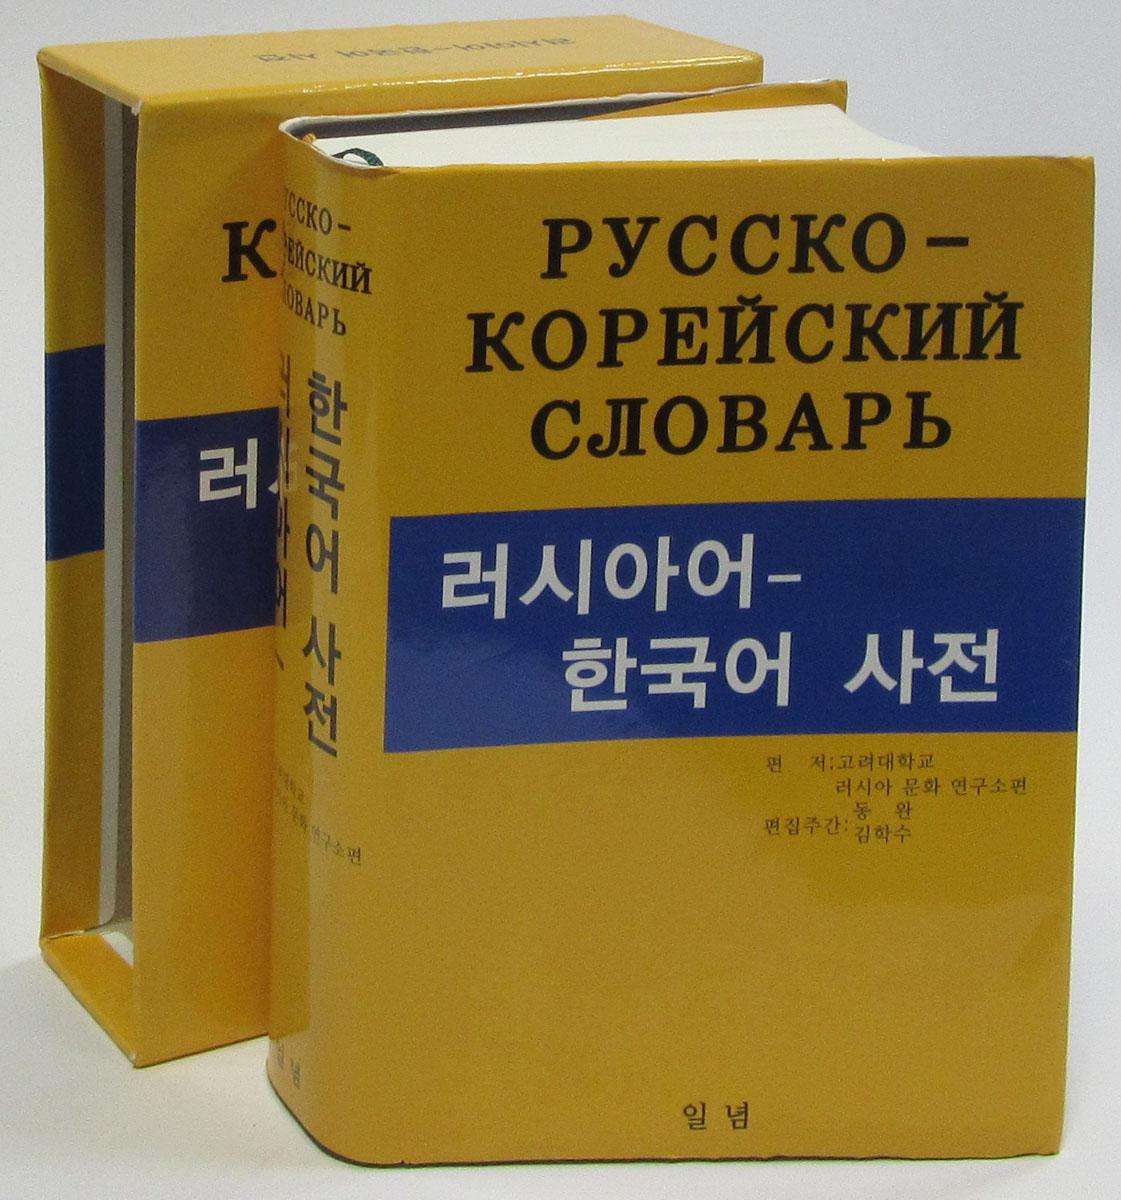 большой русско корейский словарь скачать бесплатно